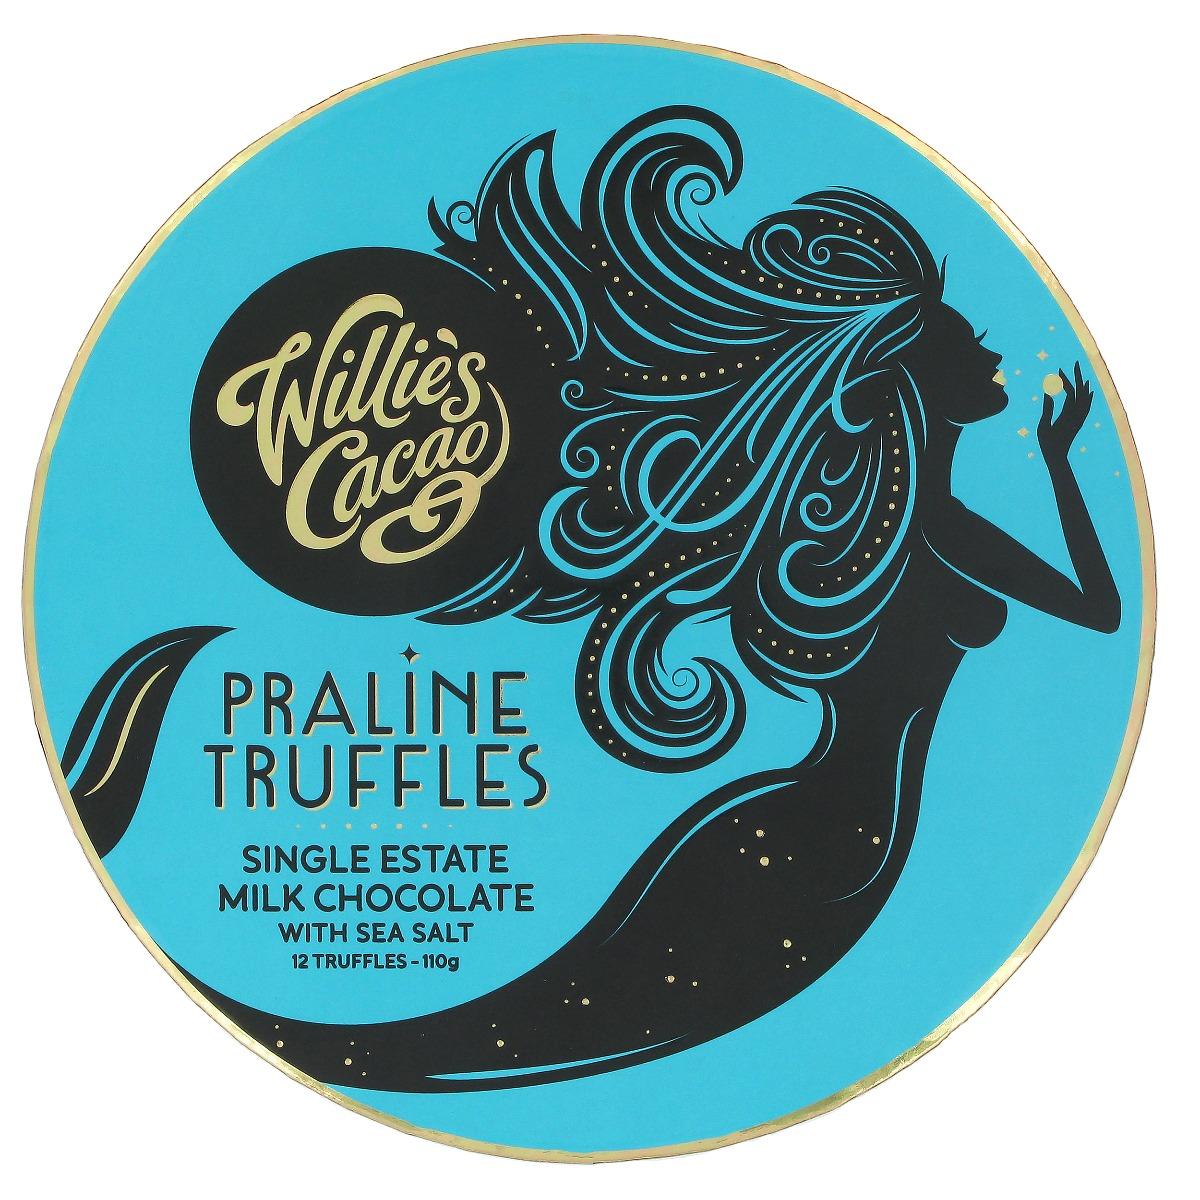 Milk chocolate Praline truffles